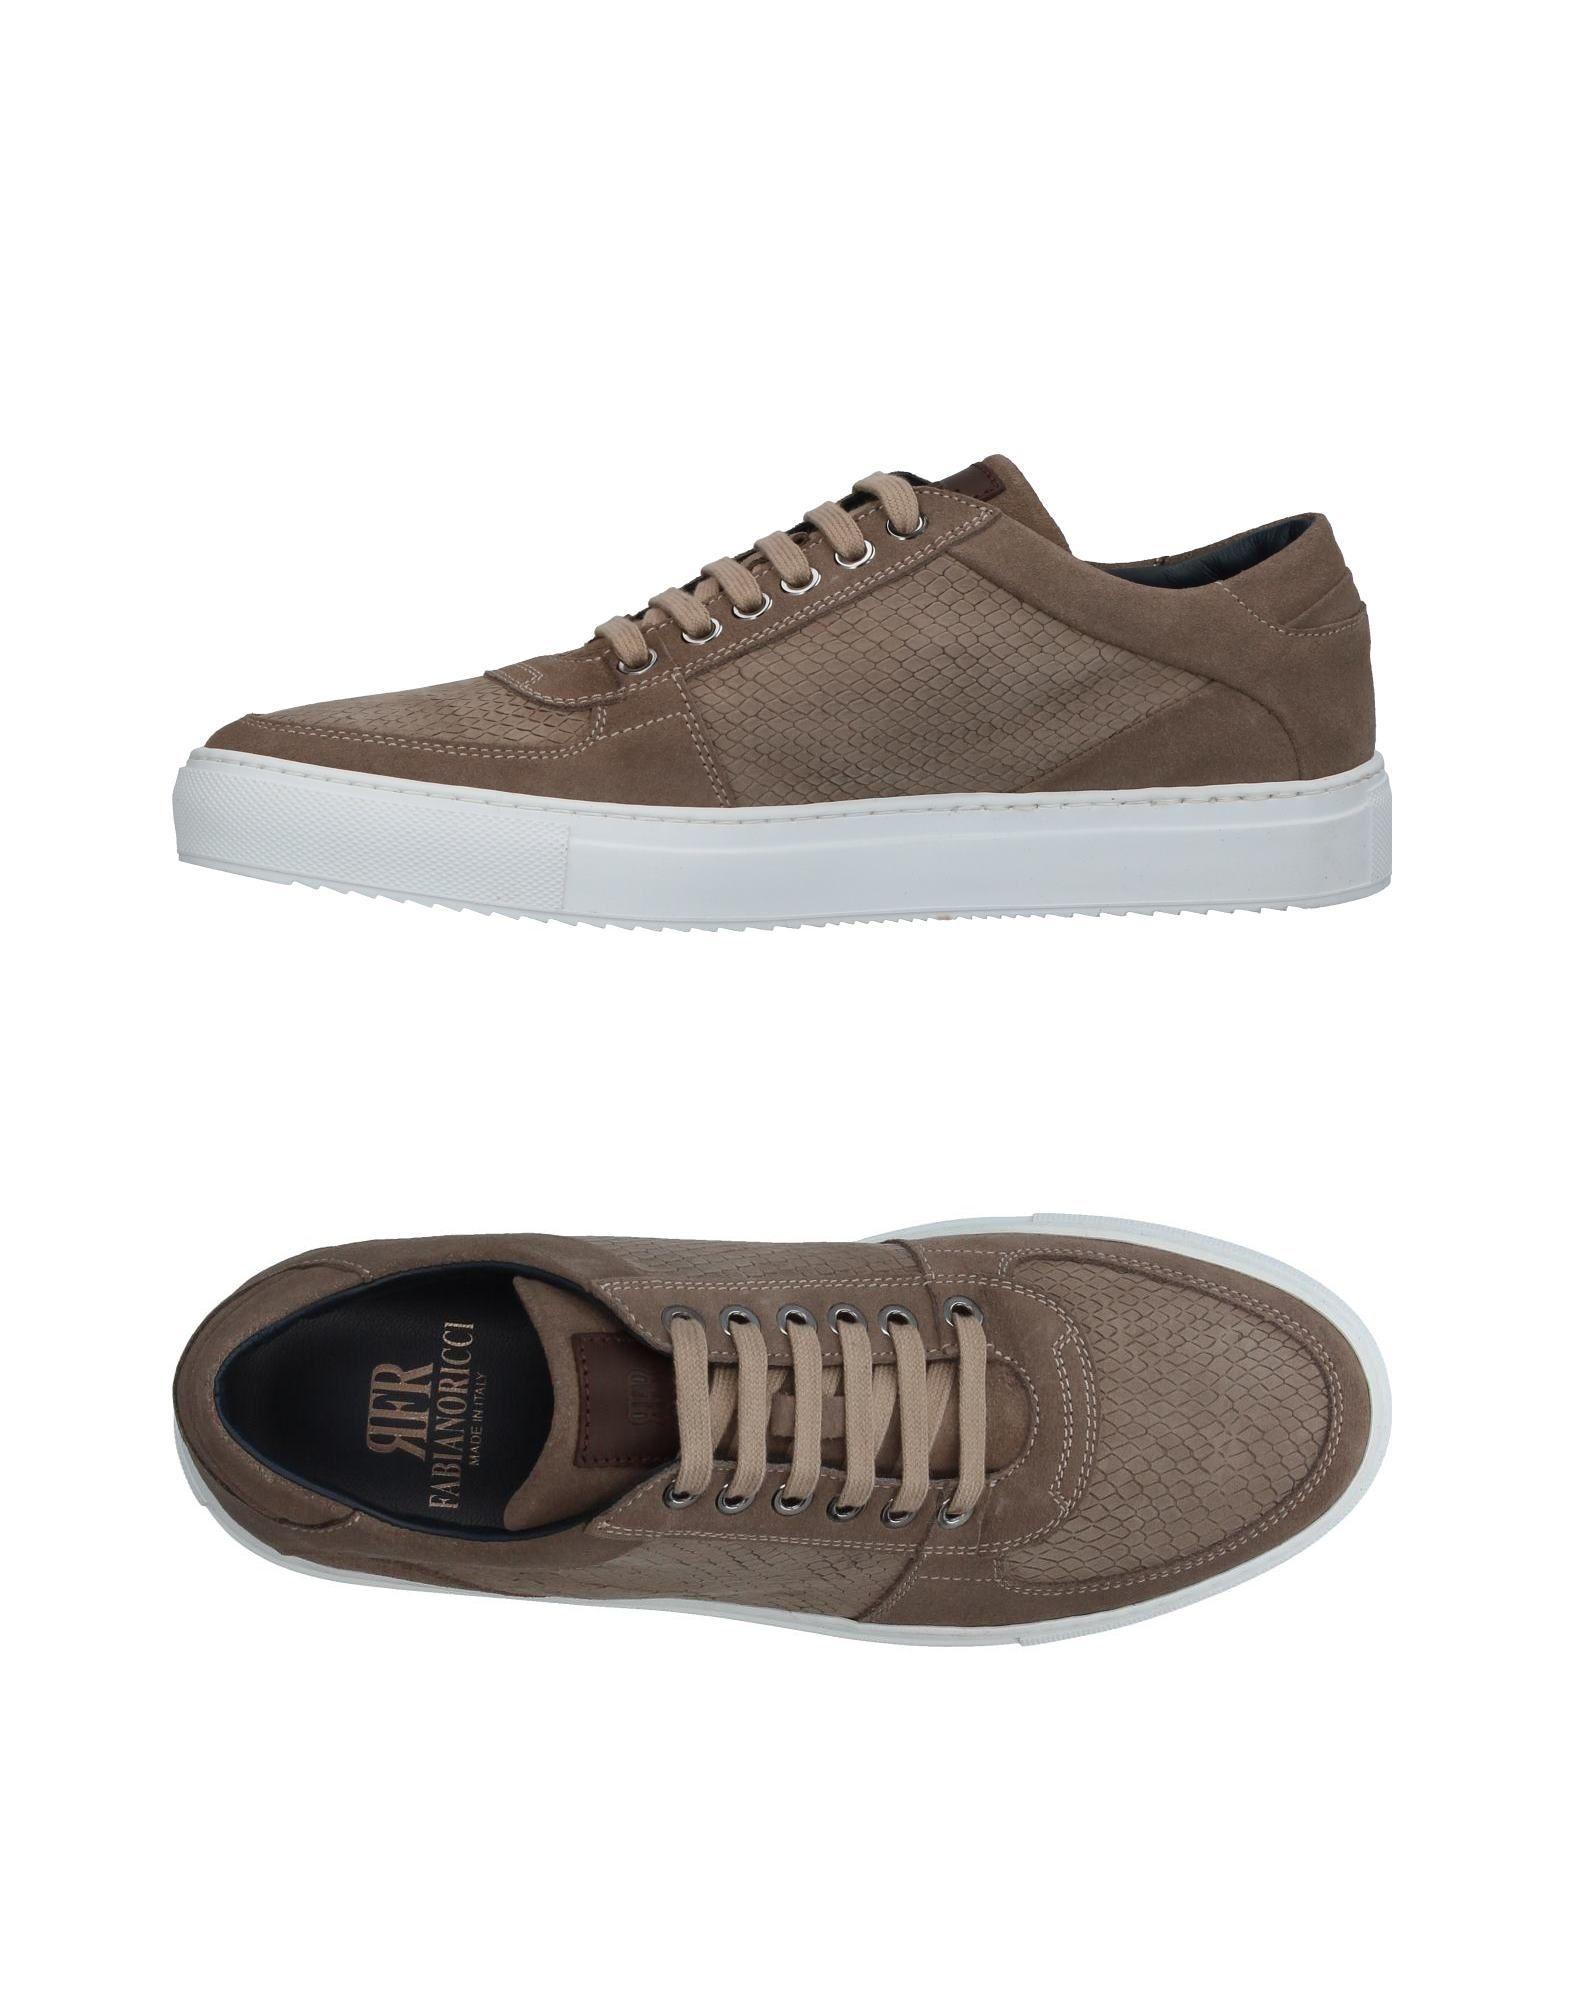 Rabatt echte Schuhe Fabiano Ricci Sneakers Herren  11375177XI